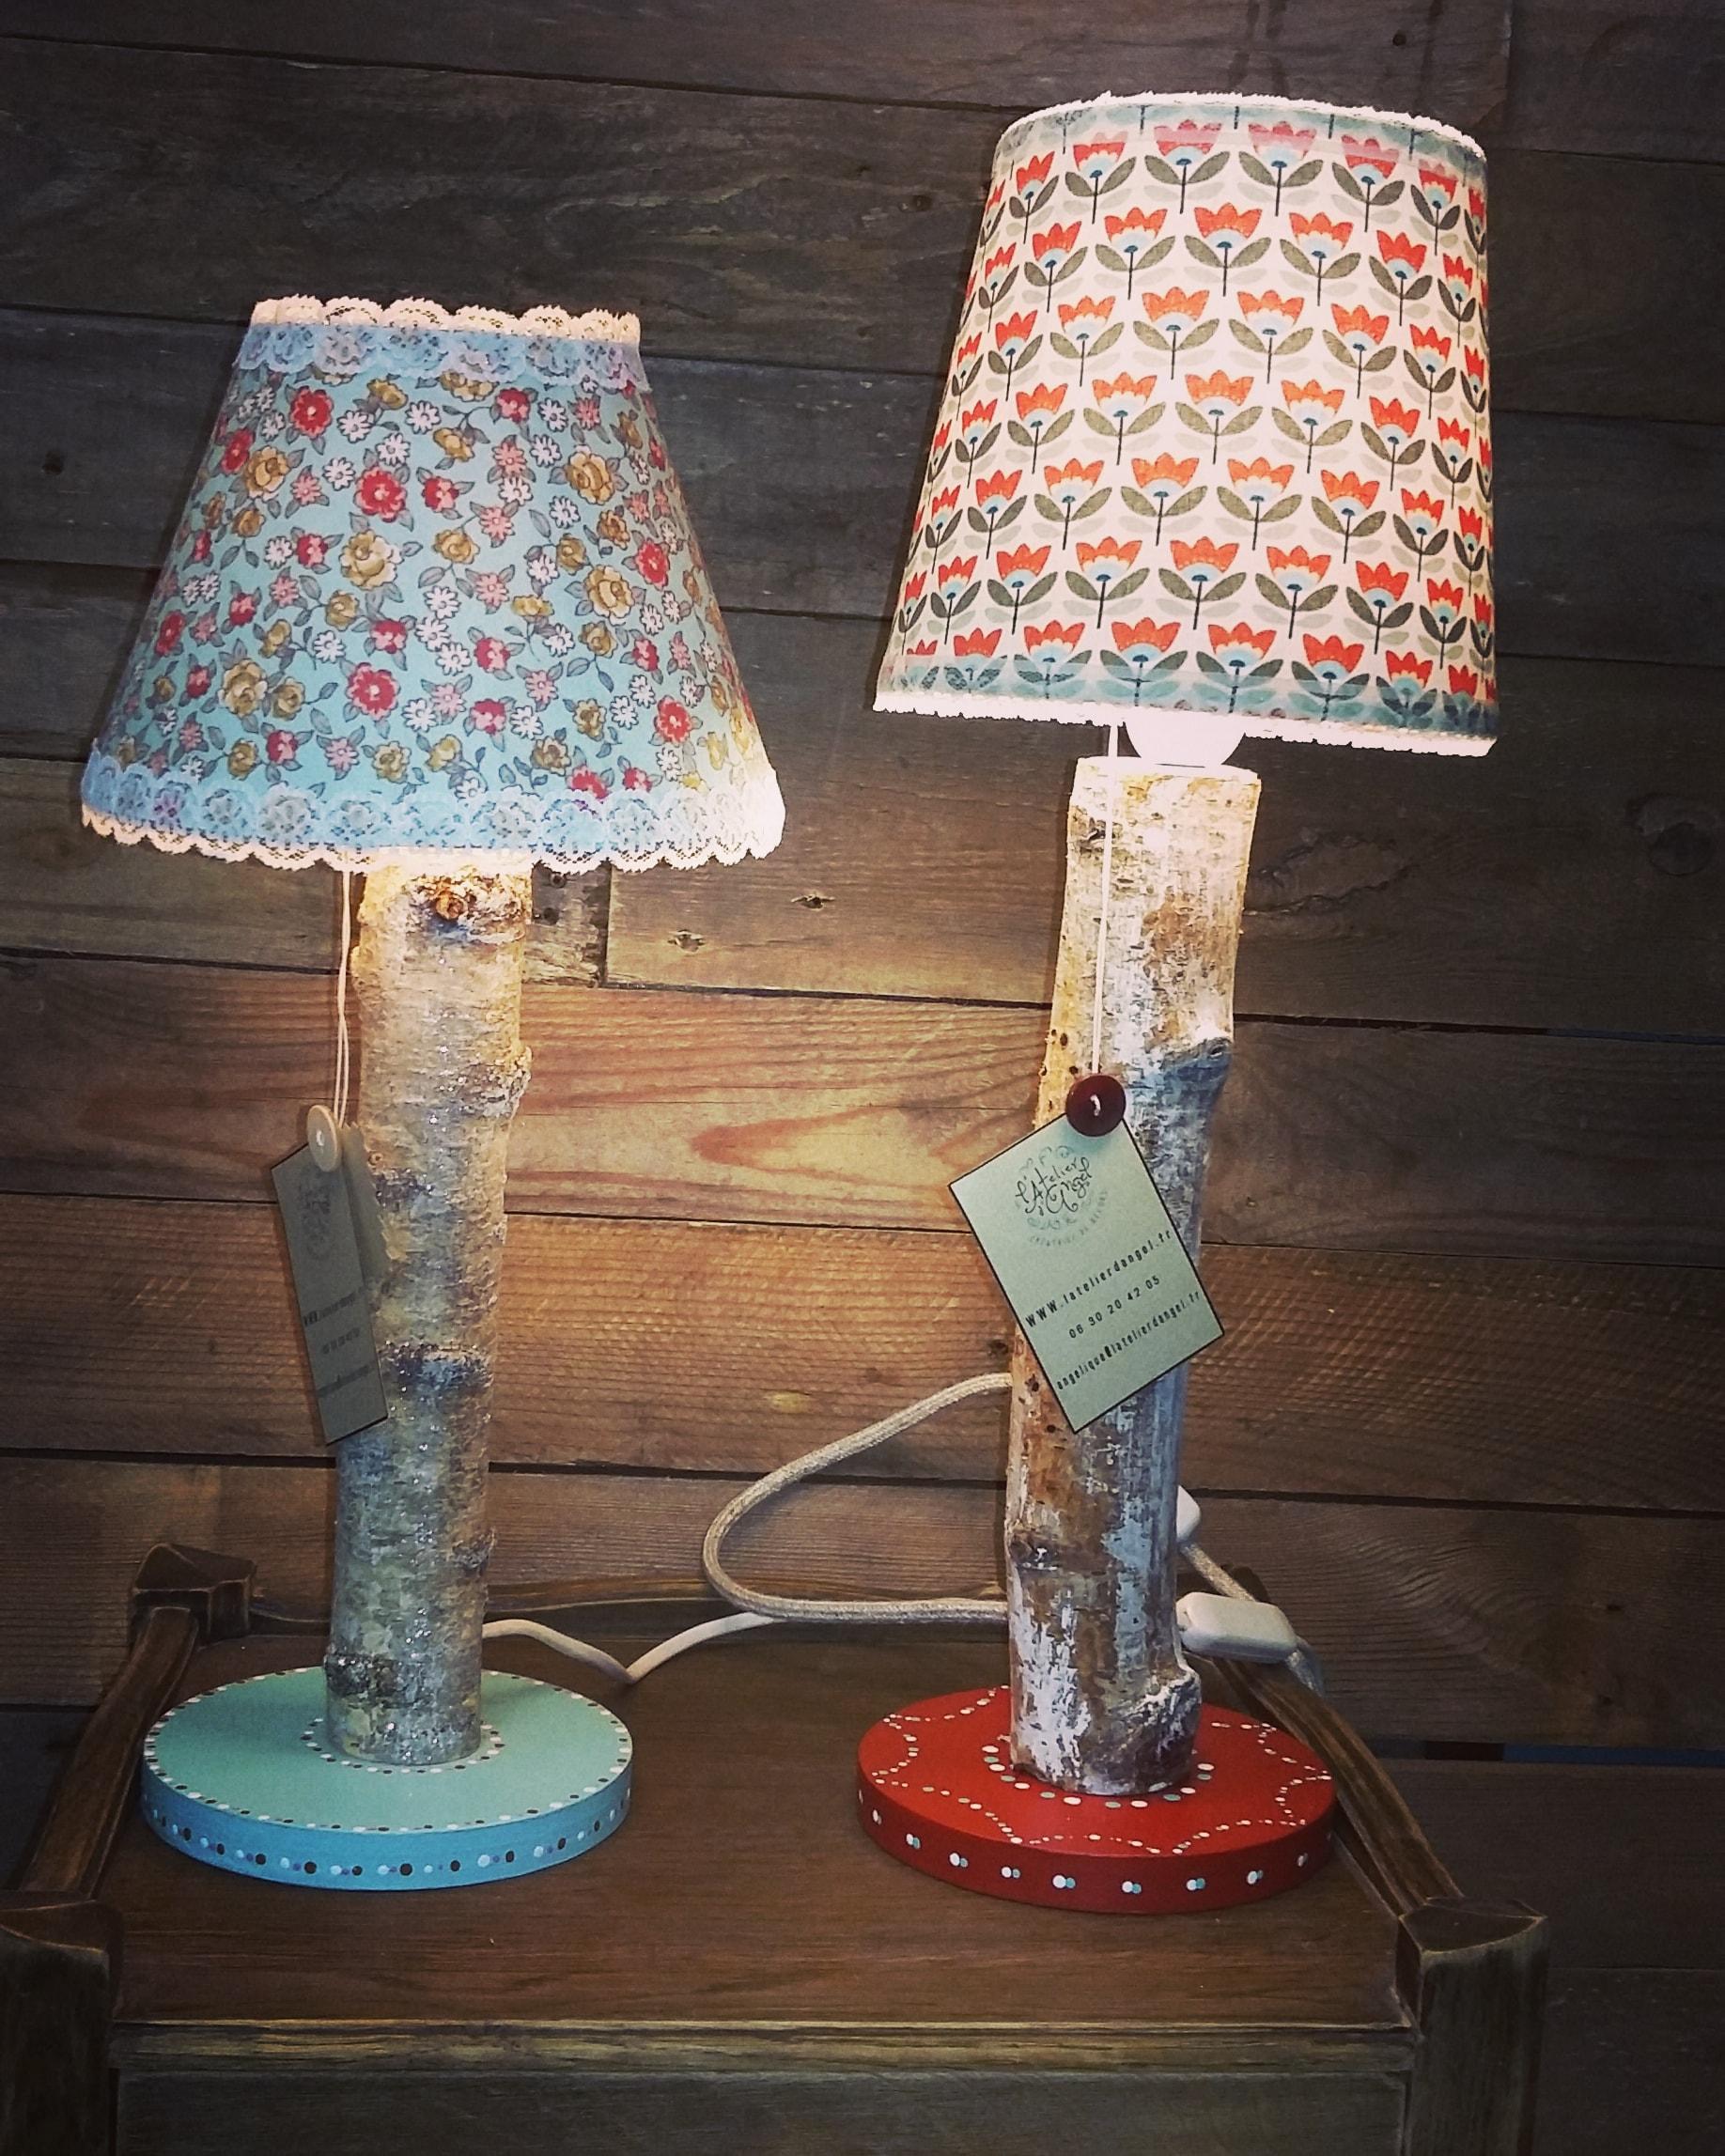 Création lampe upcycling pied bois abat-jour imprimés fleuris